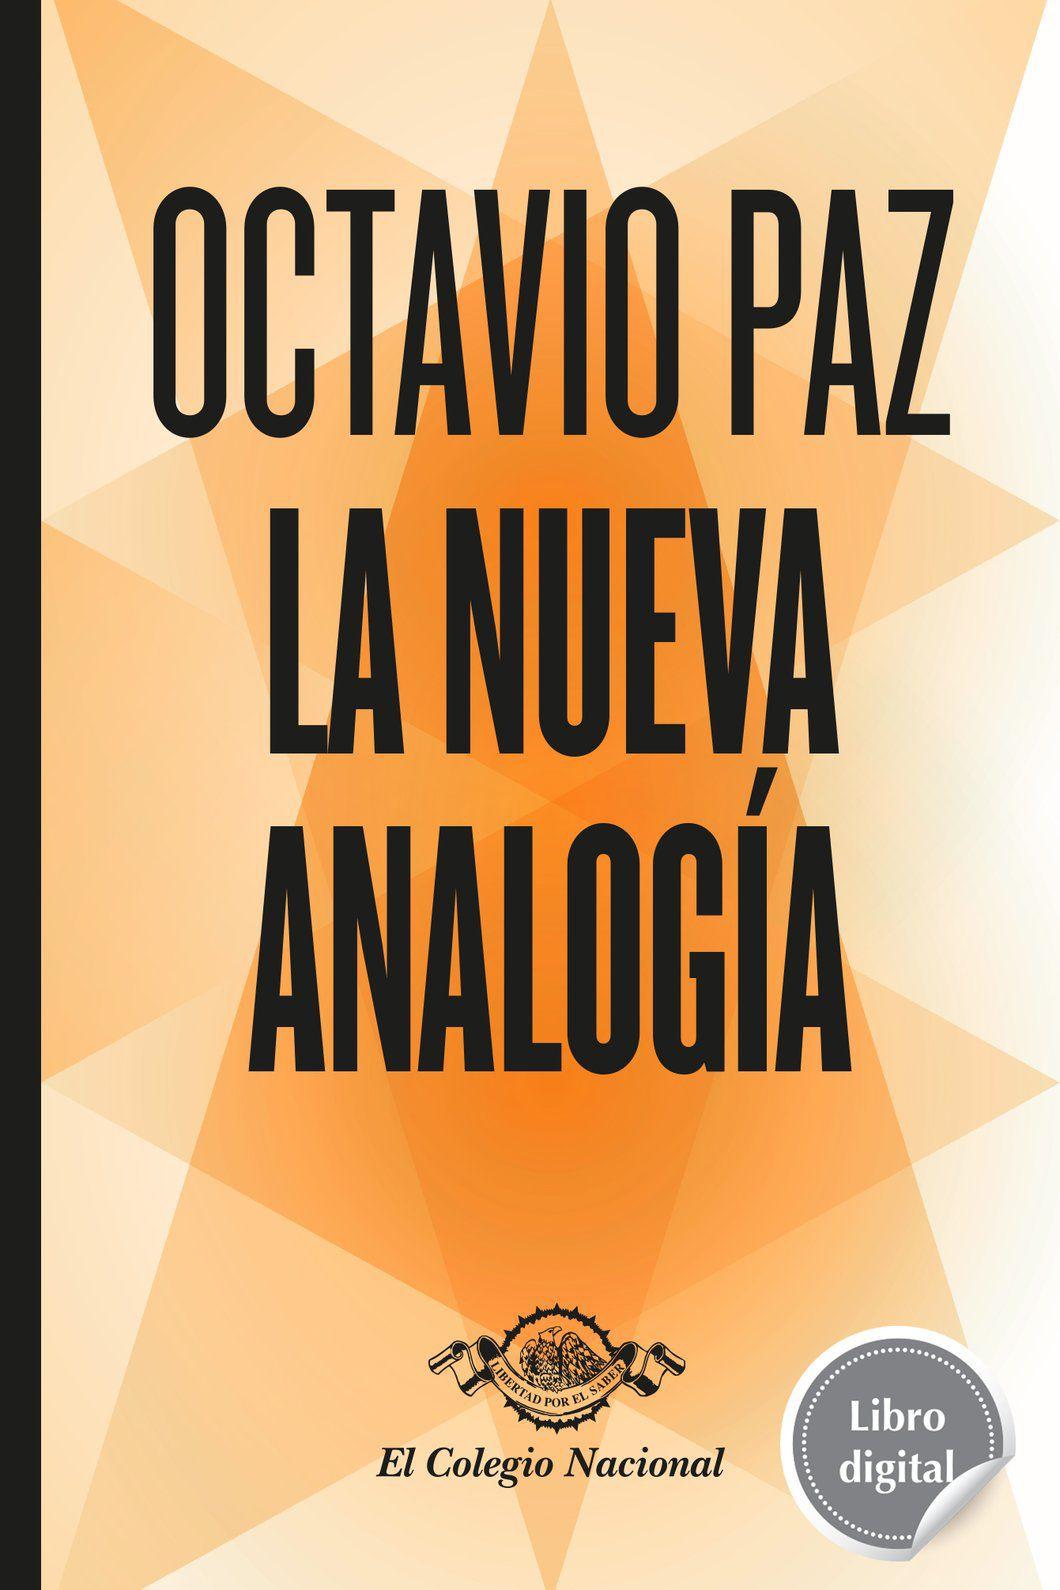 Libro digital La nueva analogía - Octavio Paz